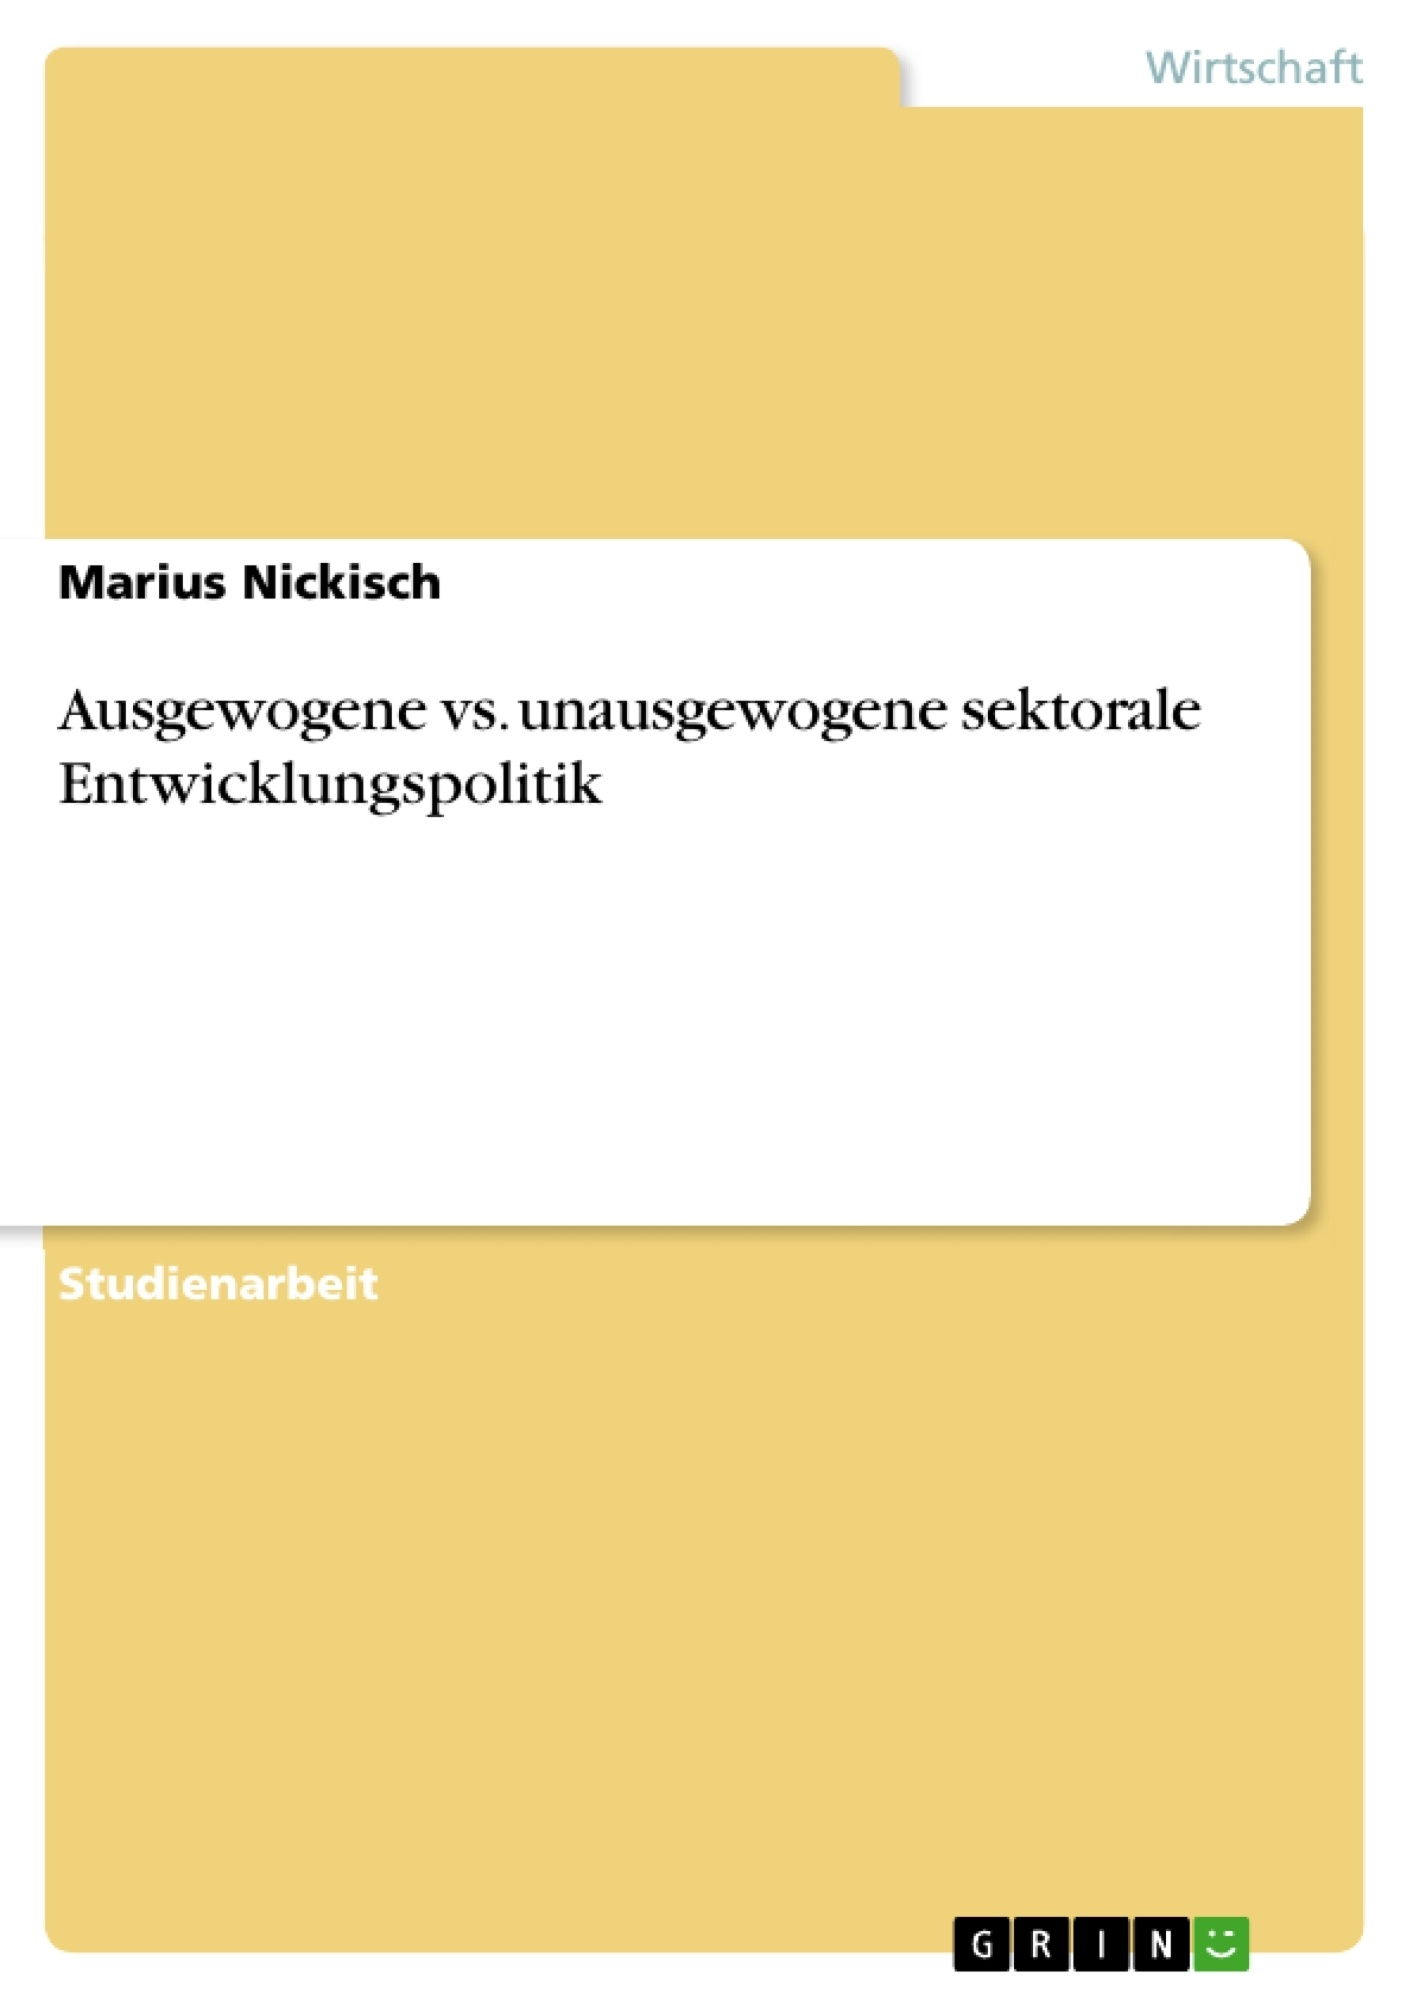 Titel: Ausgewogene vs. unausgewogene sektorale Entwicklungspolitik